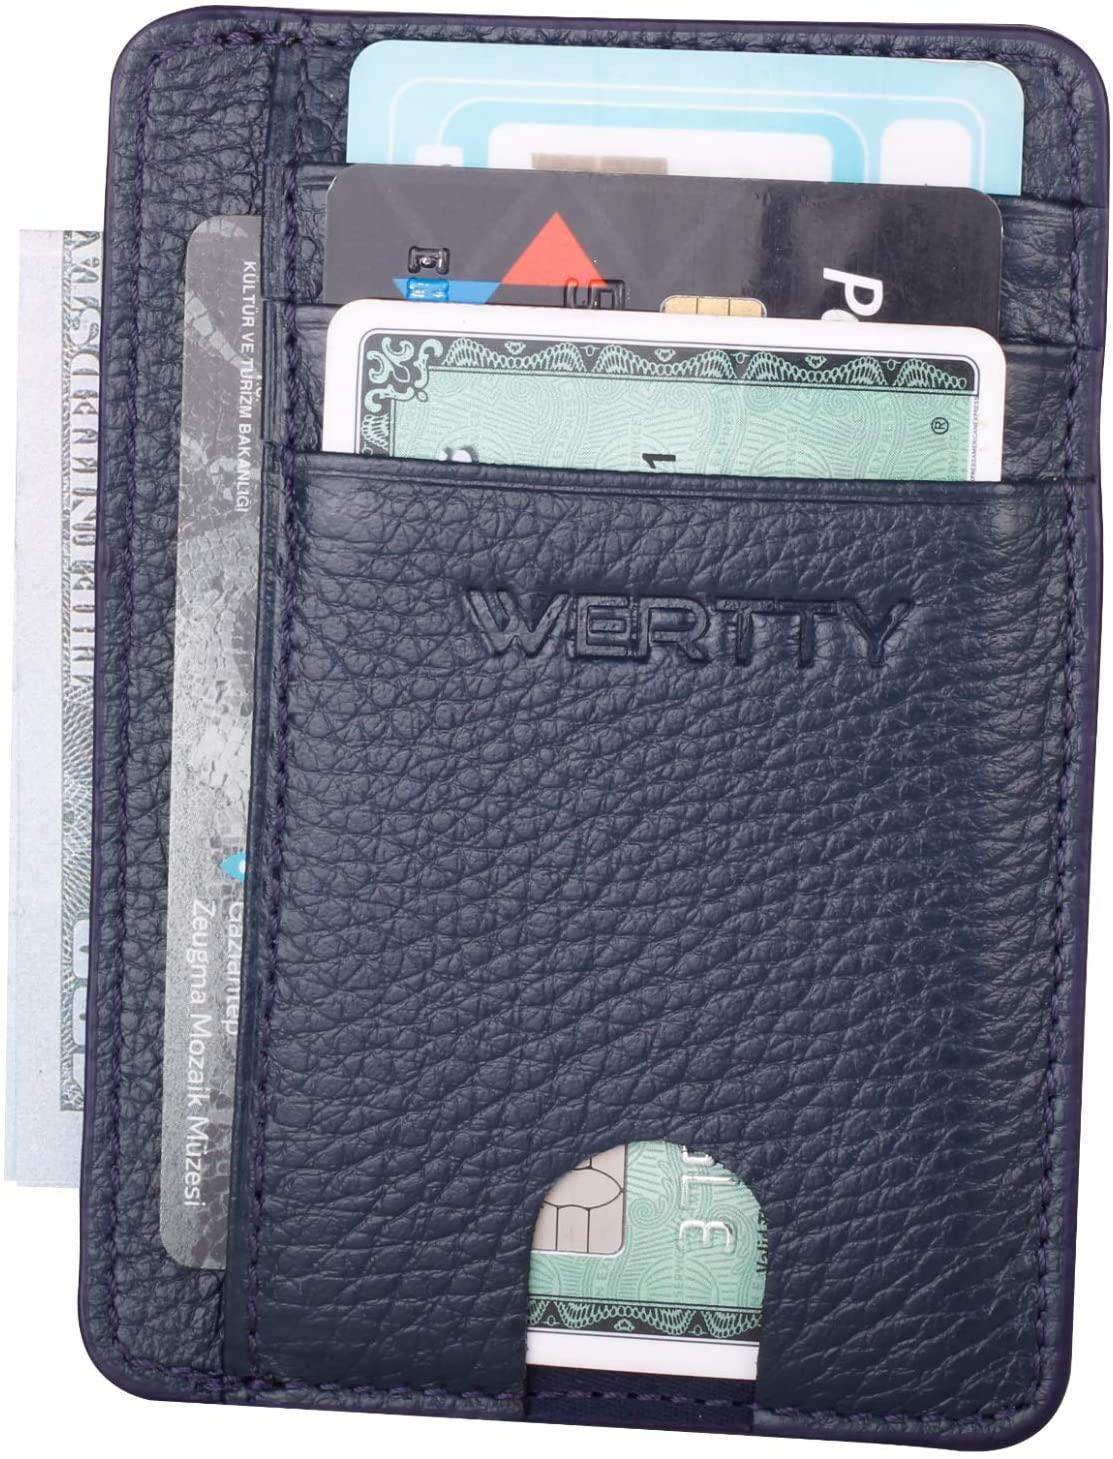 Slim Minimalist Wallets for Men -Credit Card Holder Front Pocket wallets leather